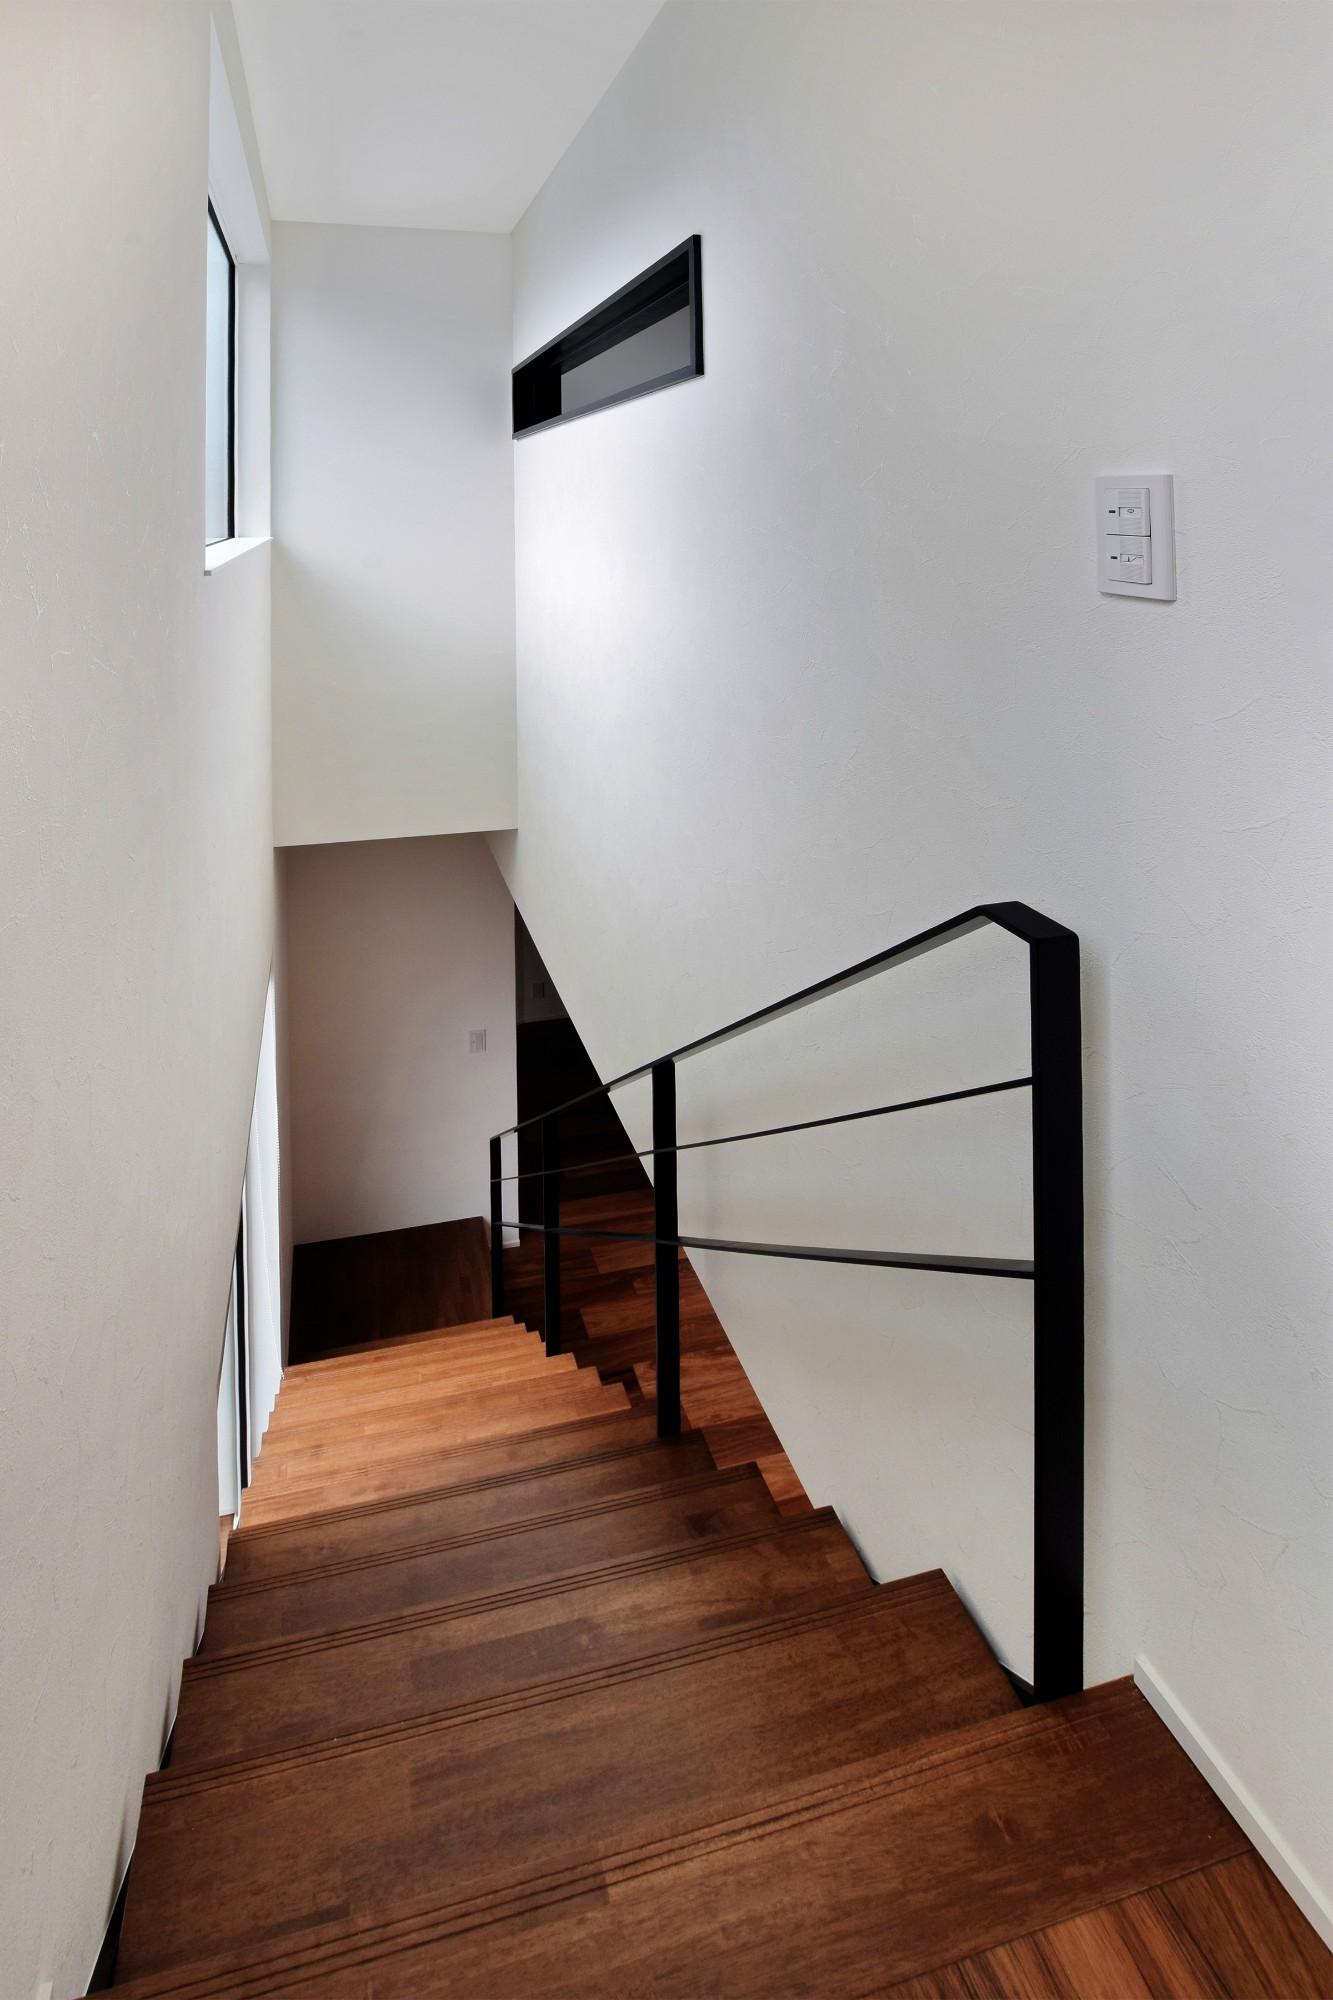 DETAIL HOME(ディテールホーム)「モールテックスキッチンとインテリアにこだわった住まい」のシンプル・ナチュラルな階段の実例写真